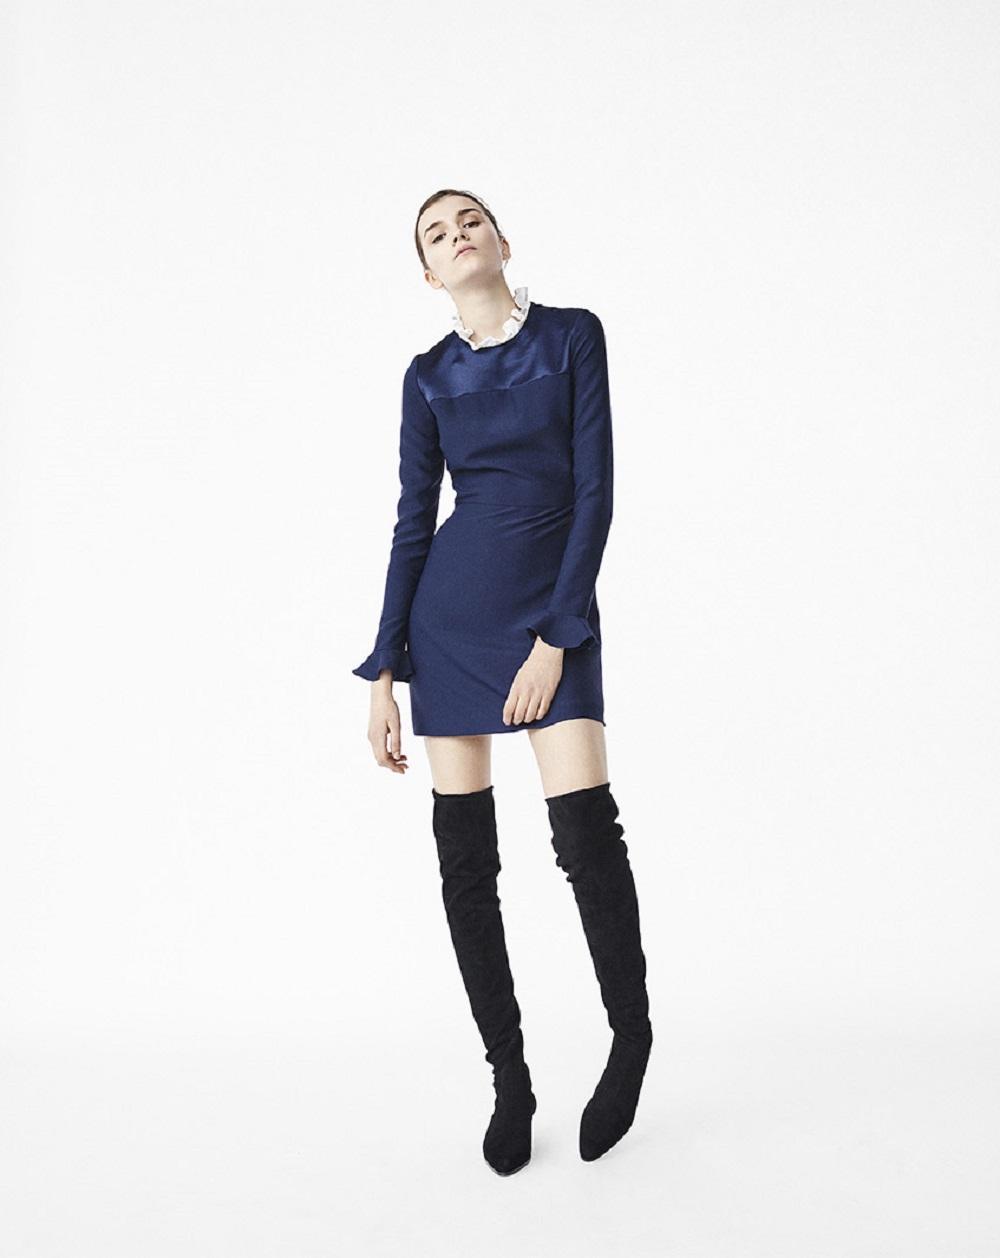 e733117dac ... Lauren Robes, combinaisons, ensembles... Vite, une tenue pour les fêtes  - Sandro ...